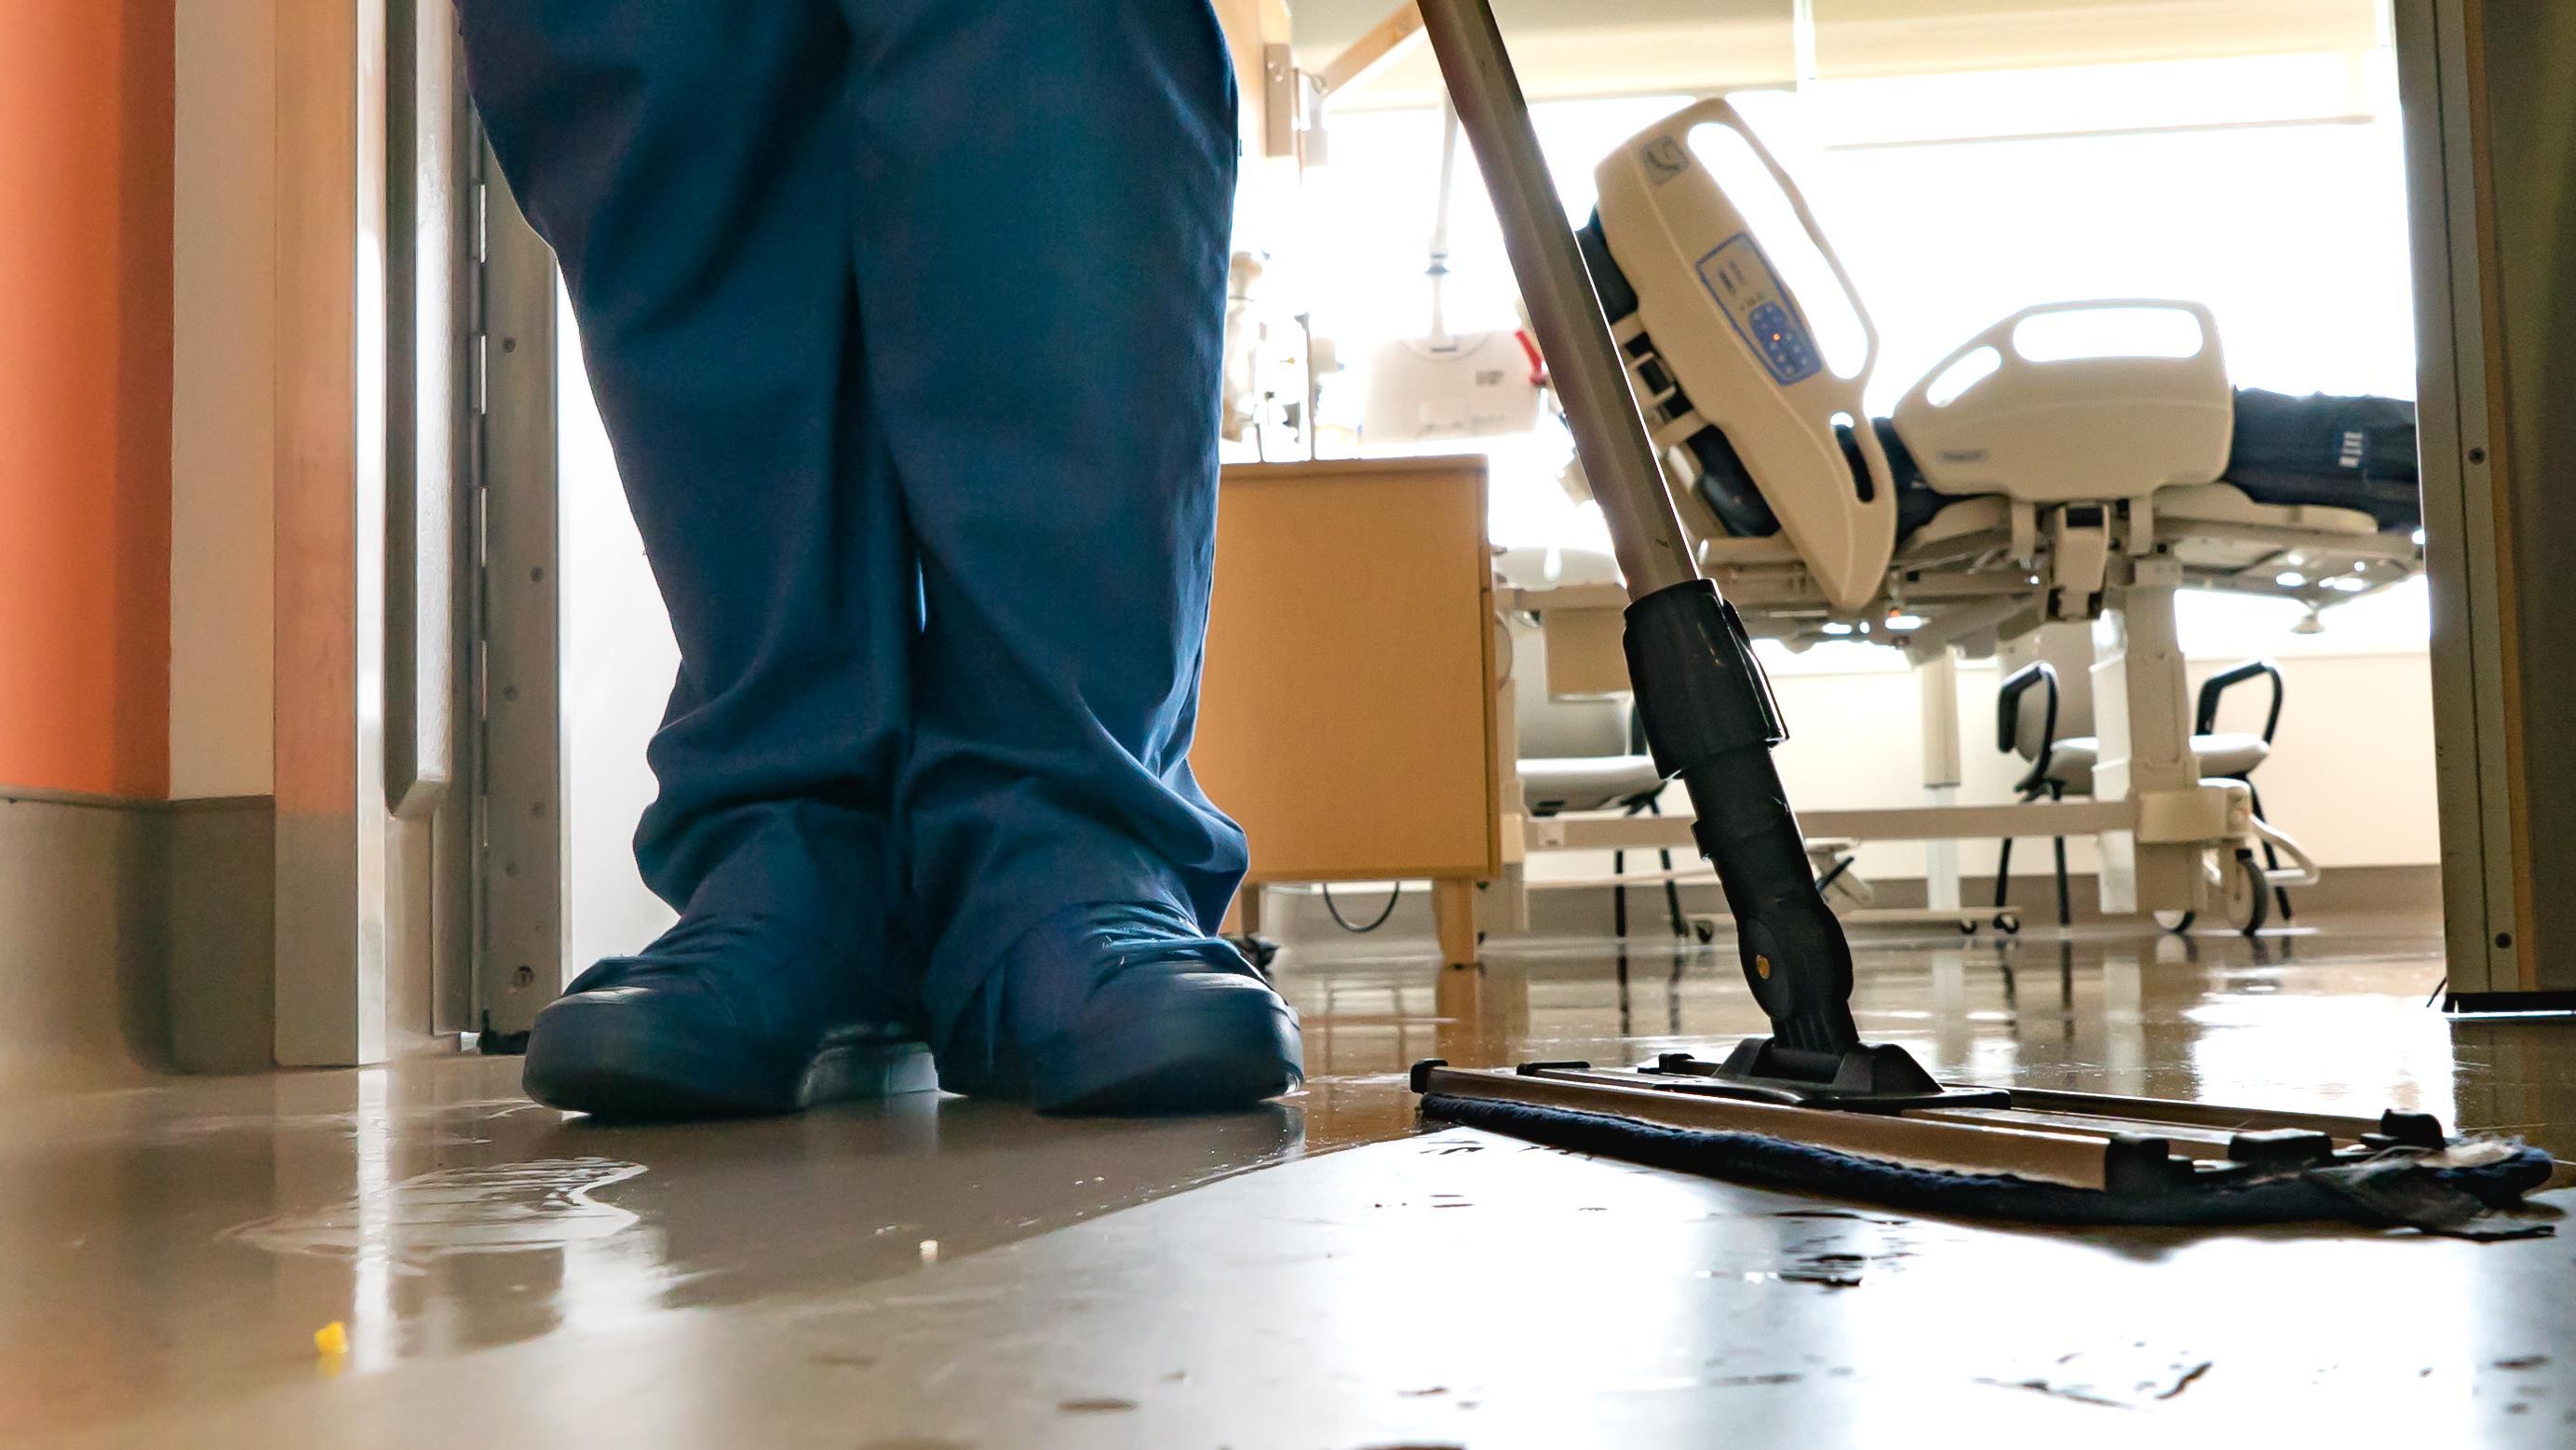 Un bon nettoyage demeure une des meilleures armes pour empêcher la propagation des bactéries multirésistantes.